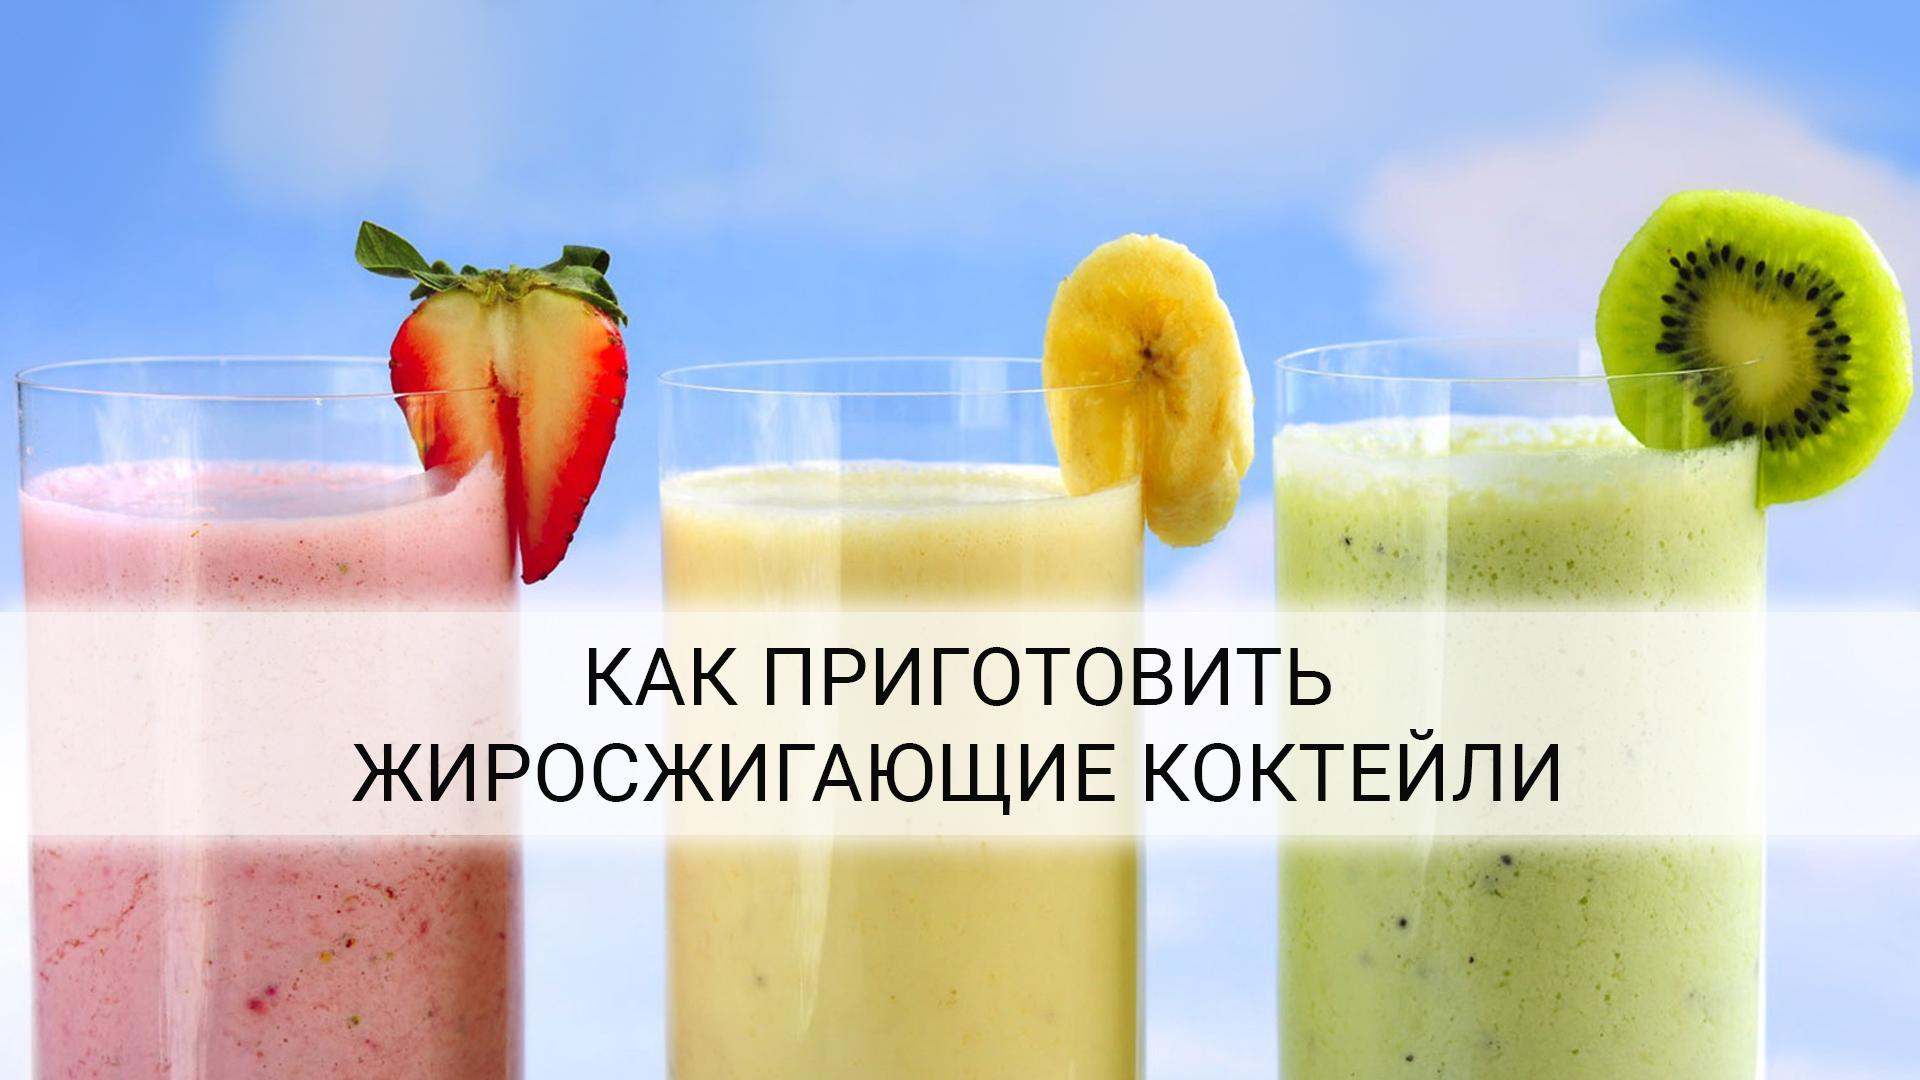 Рецепт жиросжигающие коктейли